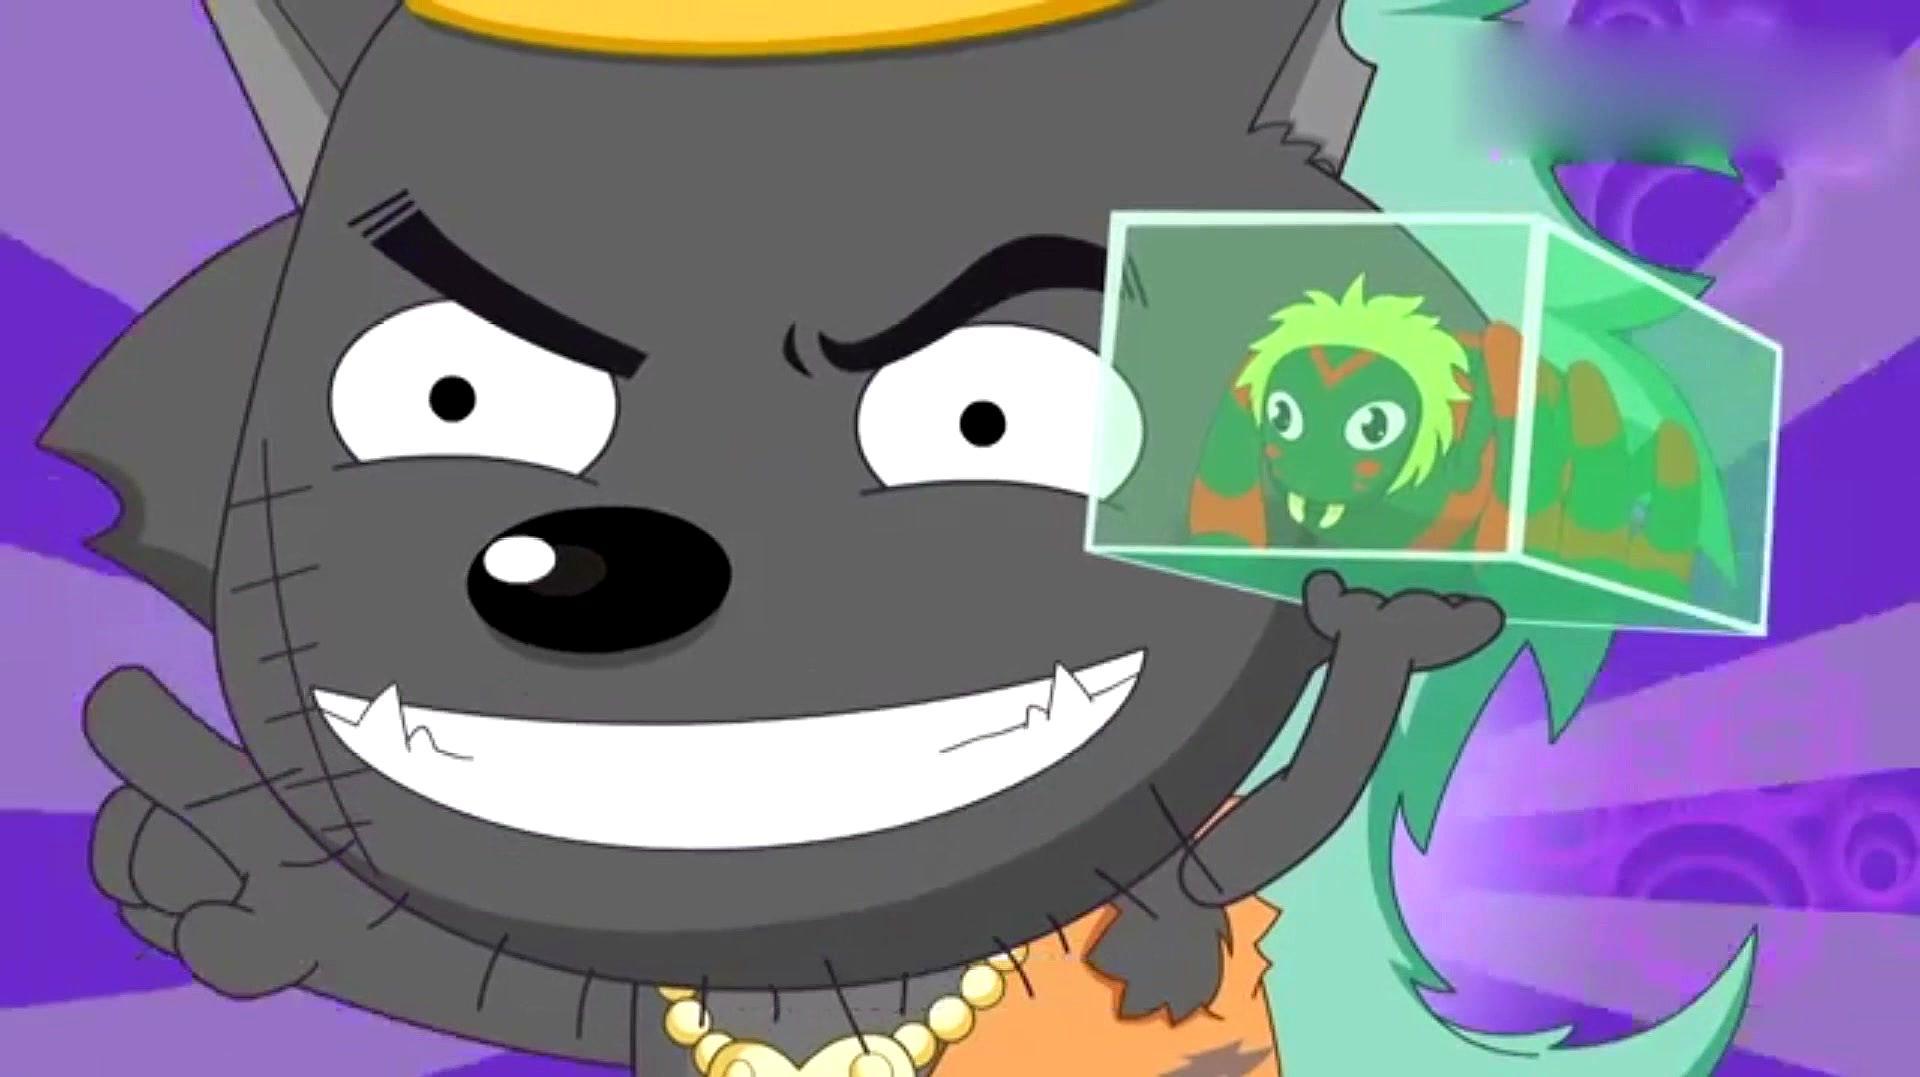 灰太狼竟然这么厉害,这推销行为绝了,为介绍毒蛛的毒性以身试毒